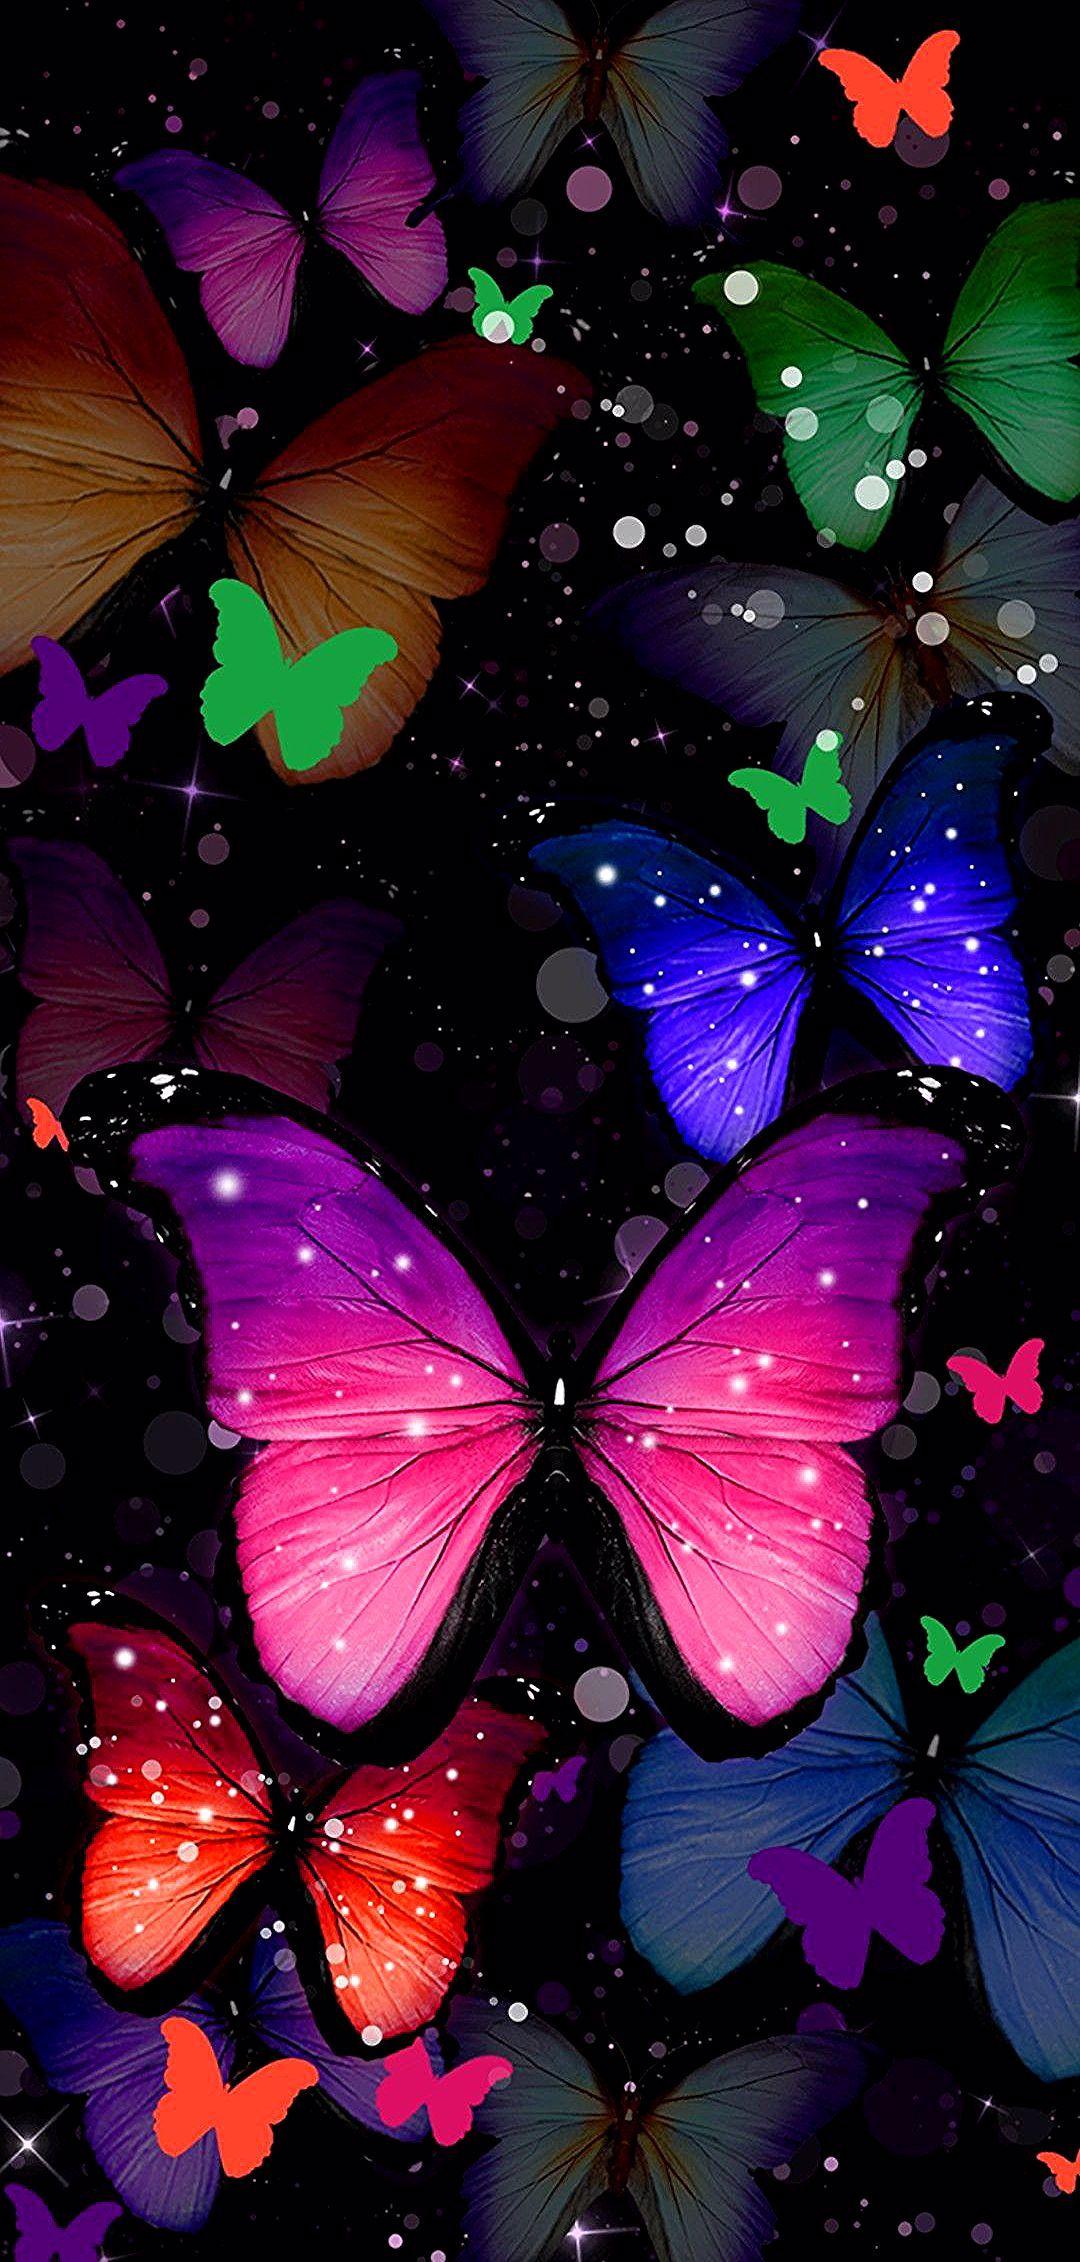 Wallpaper In 2020 Butterfly Wallpaper Backgrounds Pretty Wallpaper Iphone Pretty Wallpapers